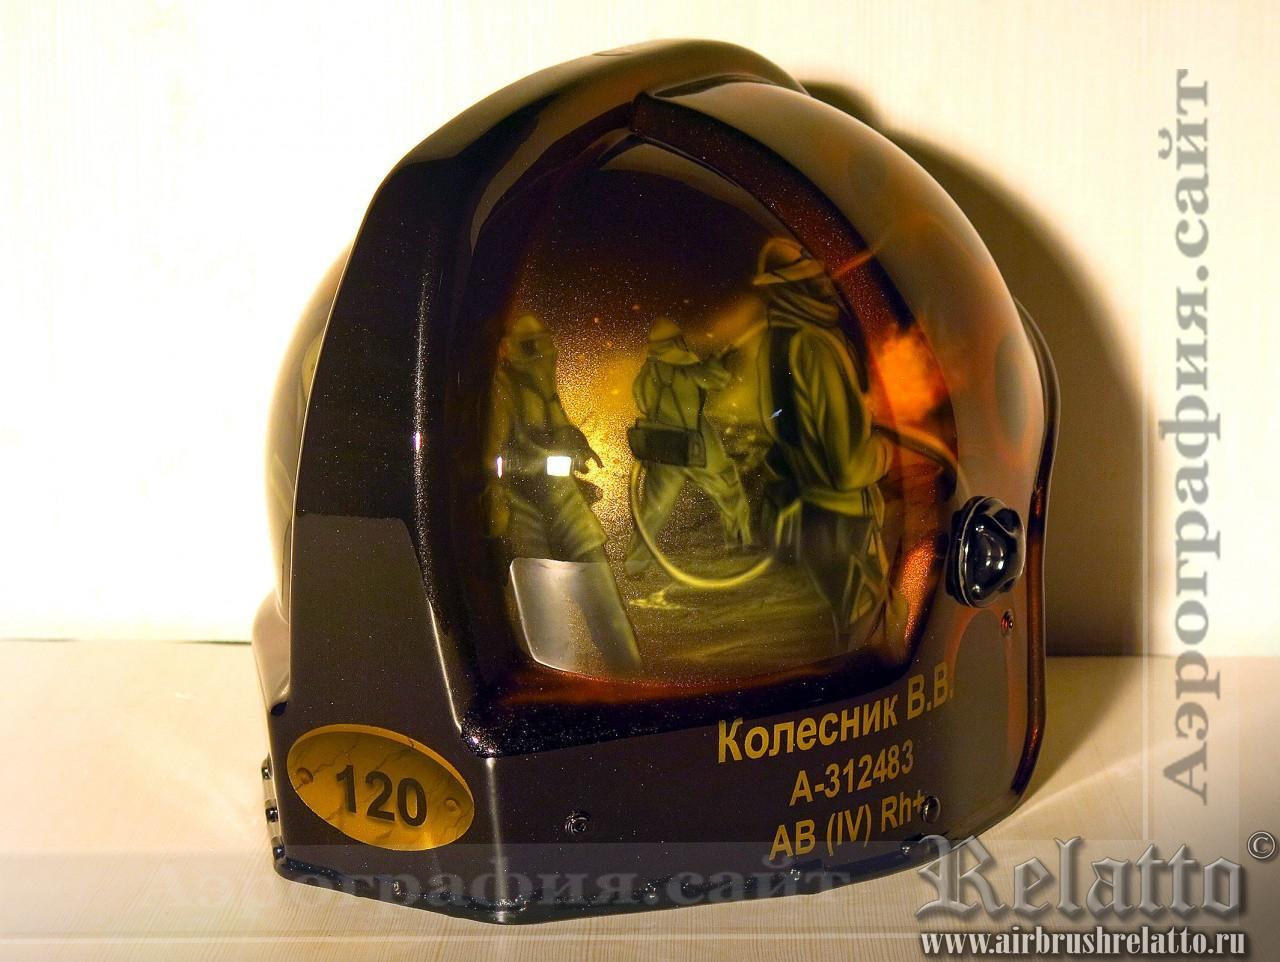 роспись пожарного шлема